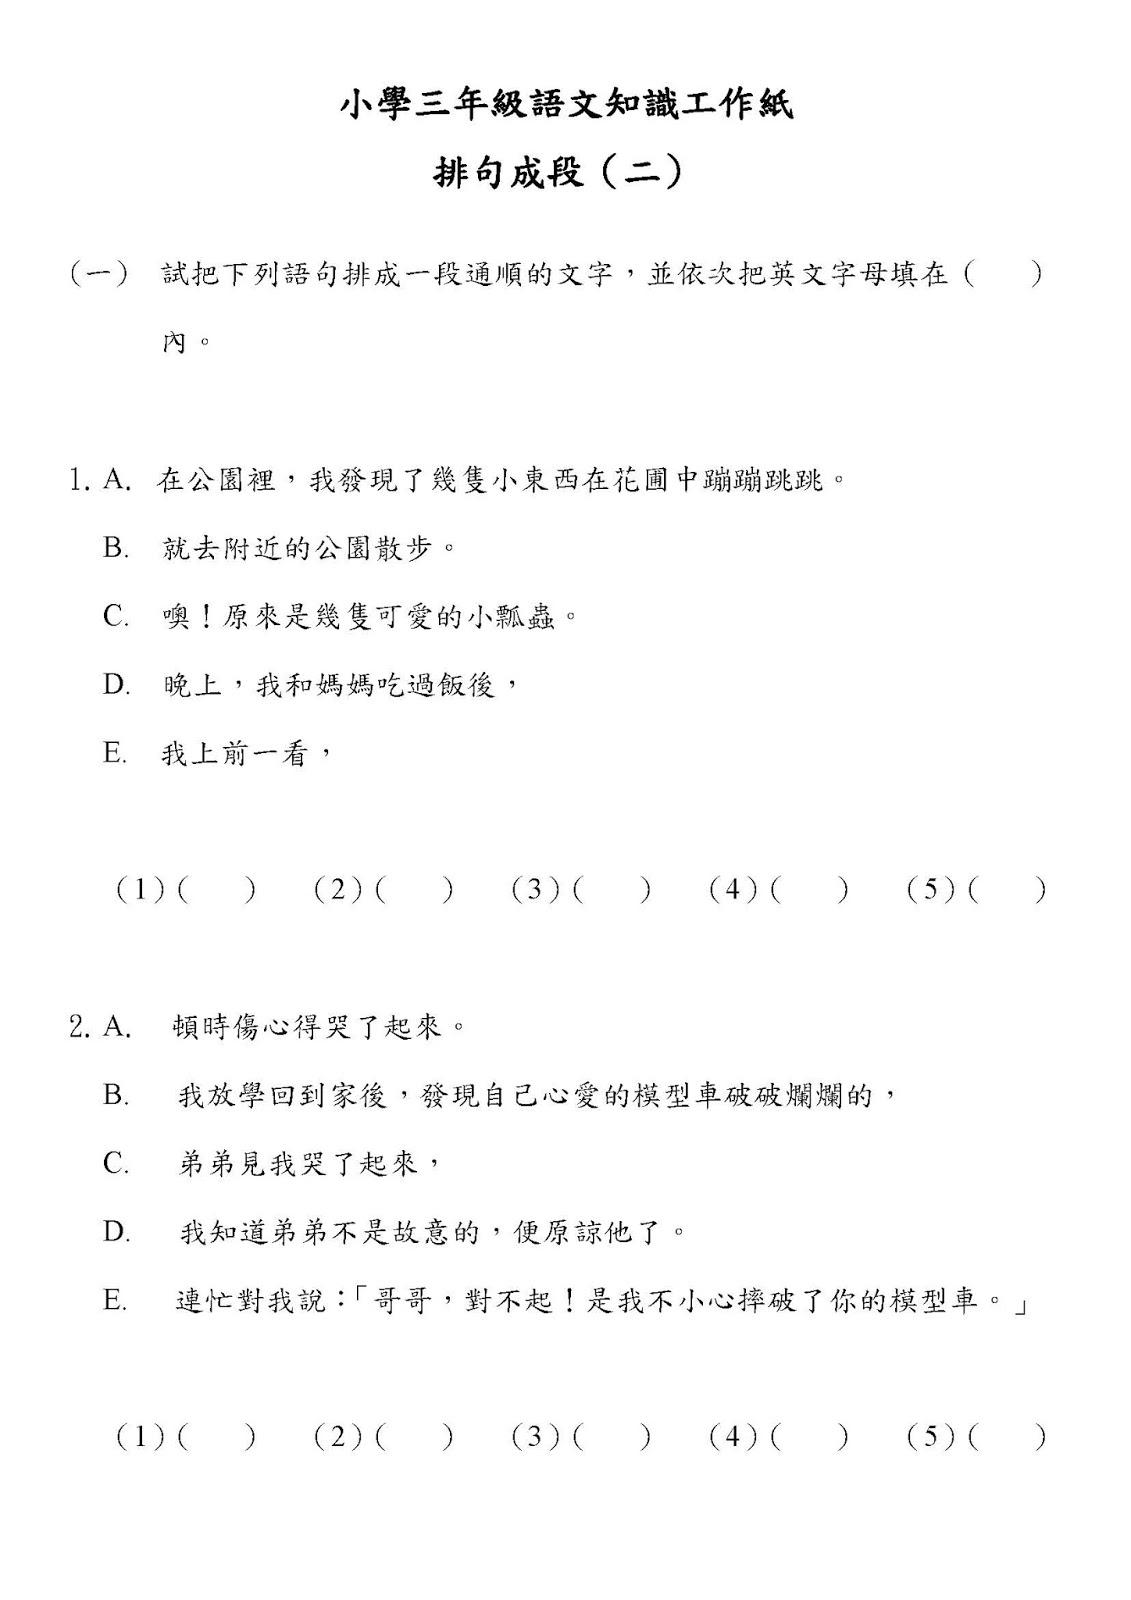 小三語文知識工作紙:排句成段(二)|中文工作紙|尤莉姐姐的反轉學堂